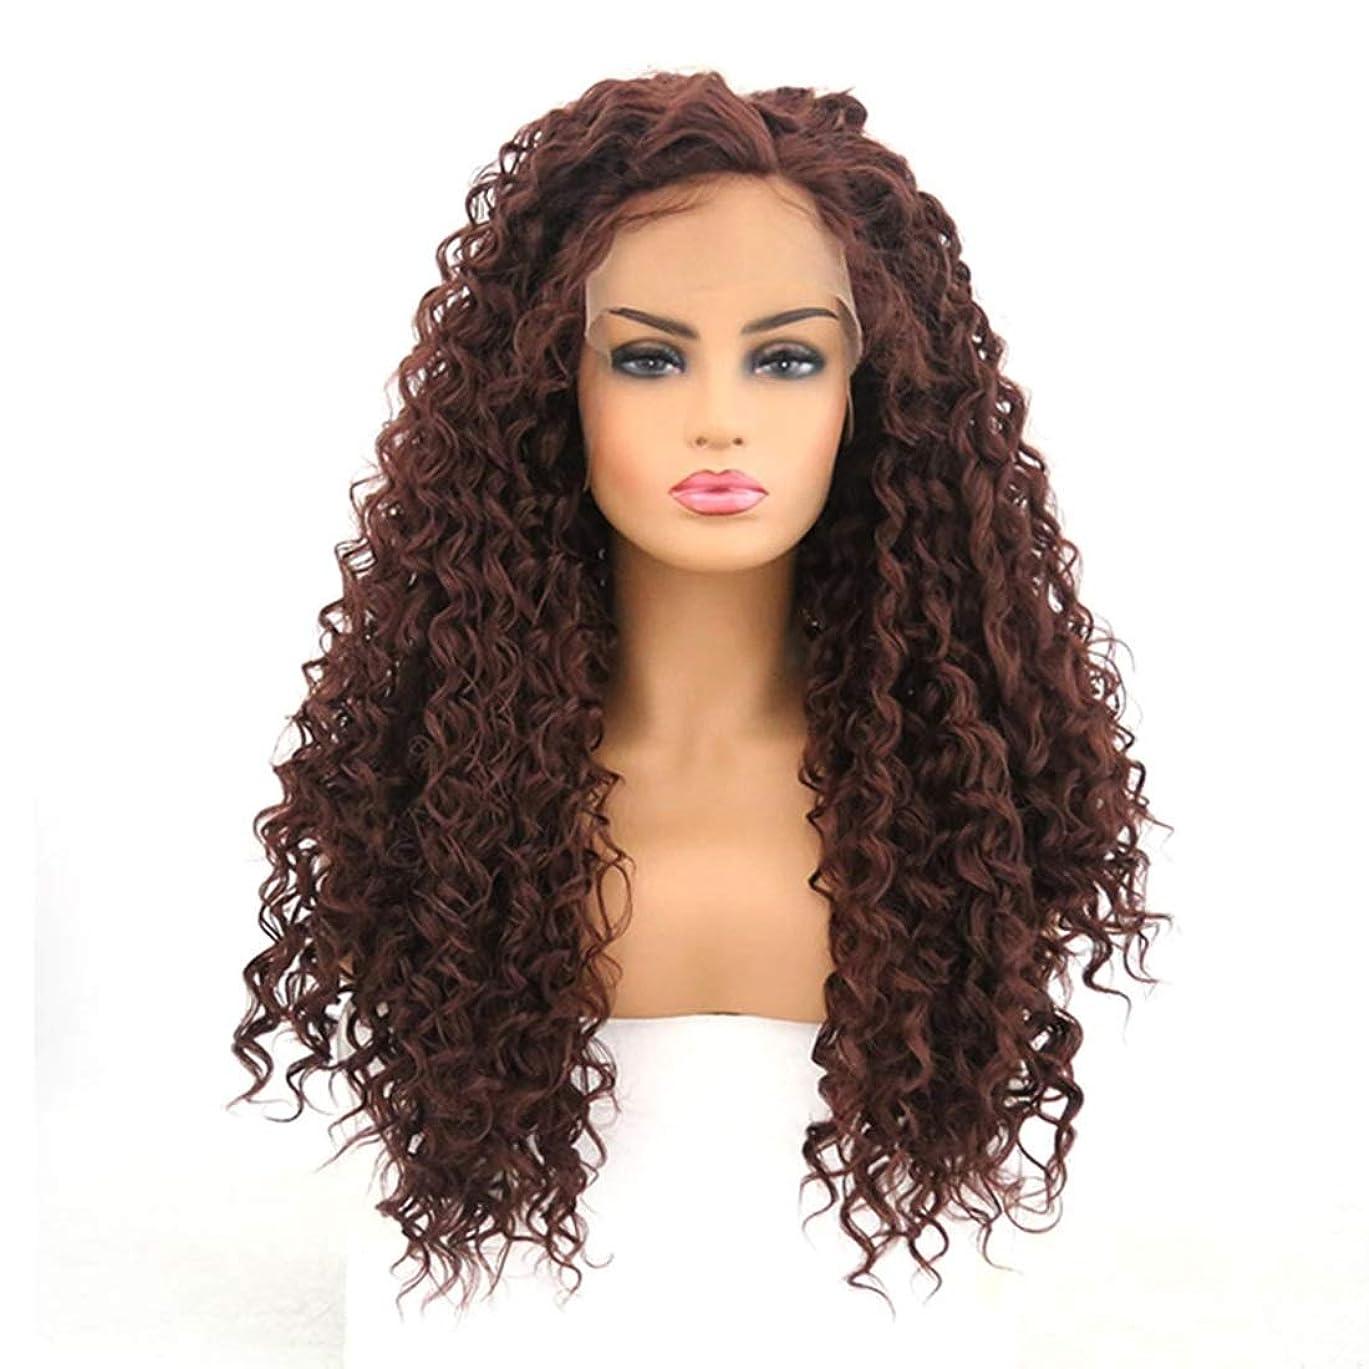 決定罹患率スイングSummerys 女性のための小さな巻き毛のかつらのフロントレースの小さな波ロングロール